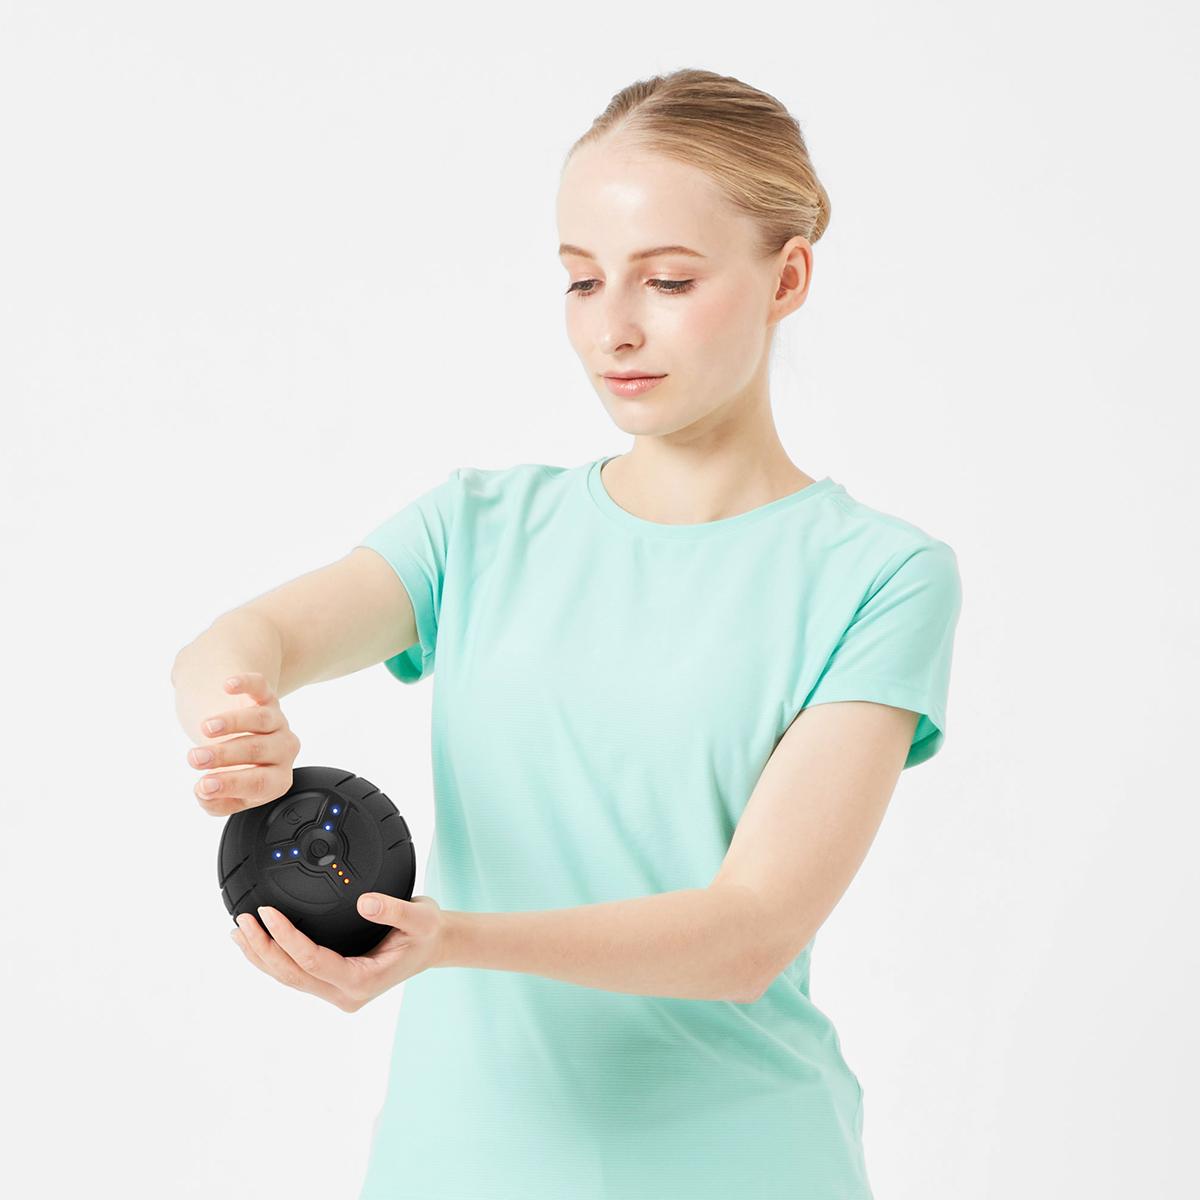 毎分4000回の振動で、筋肉を奥深くから揺さぶるストレッチボール|Dr.Air 3Dコンディショニングボール